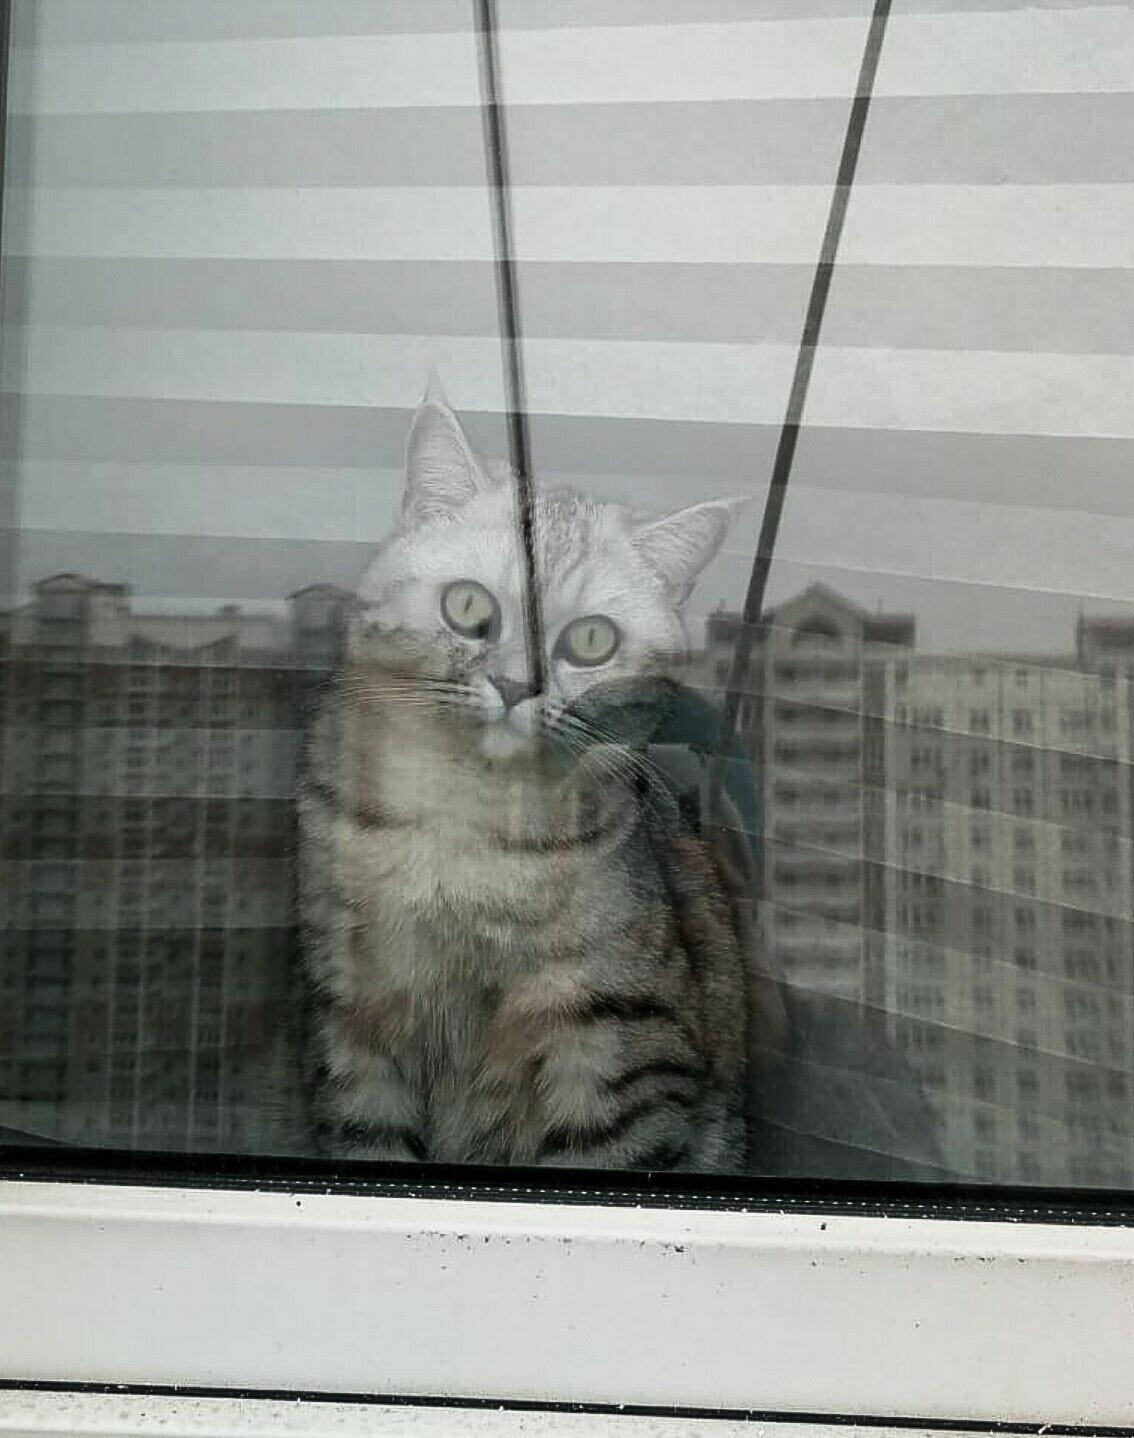 Работа такая, котов удивлять